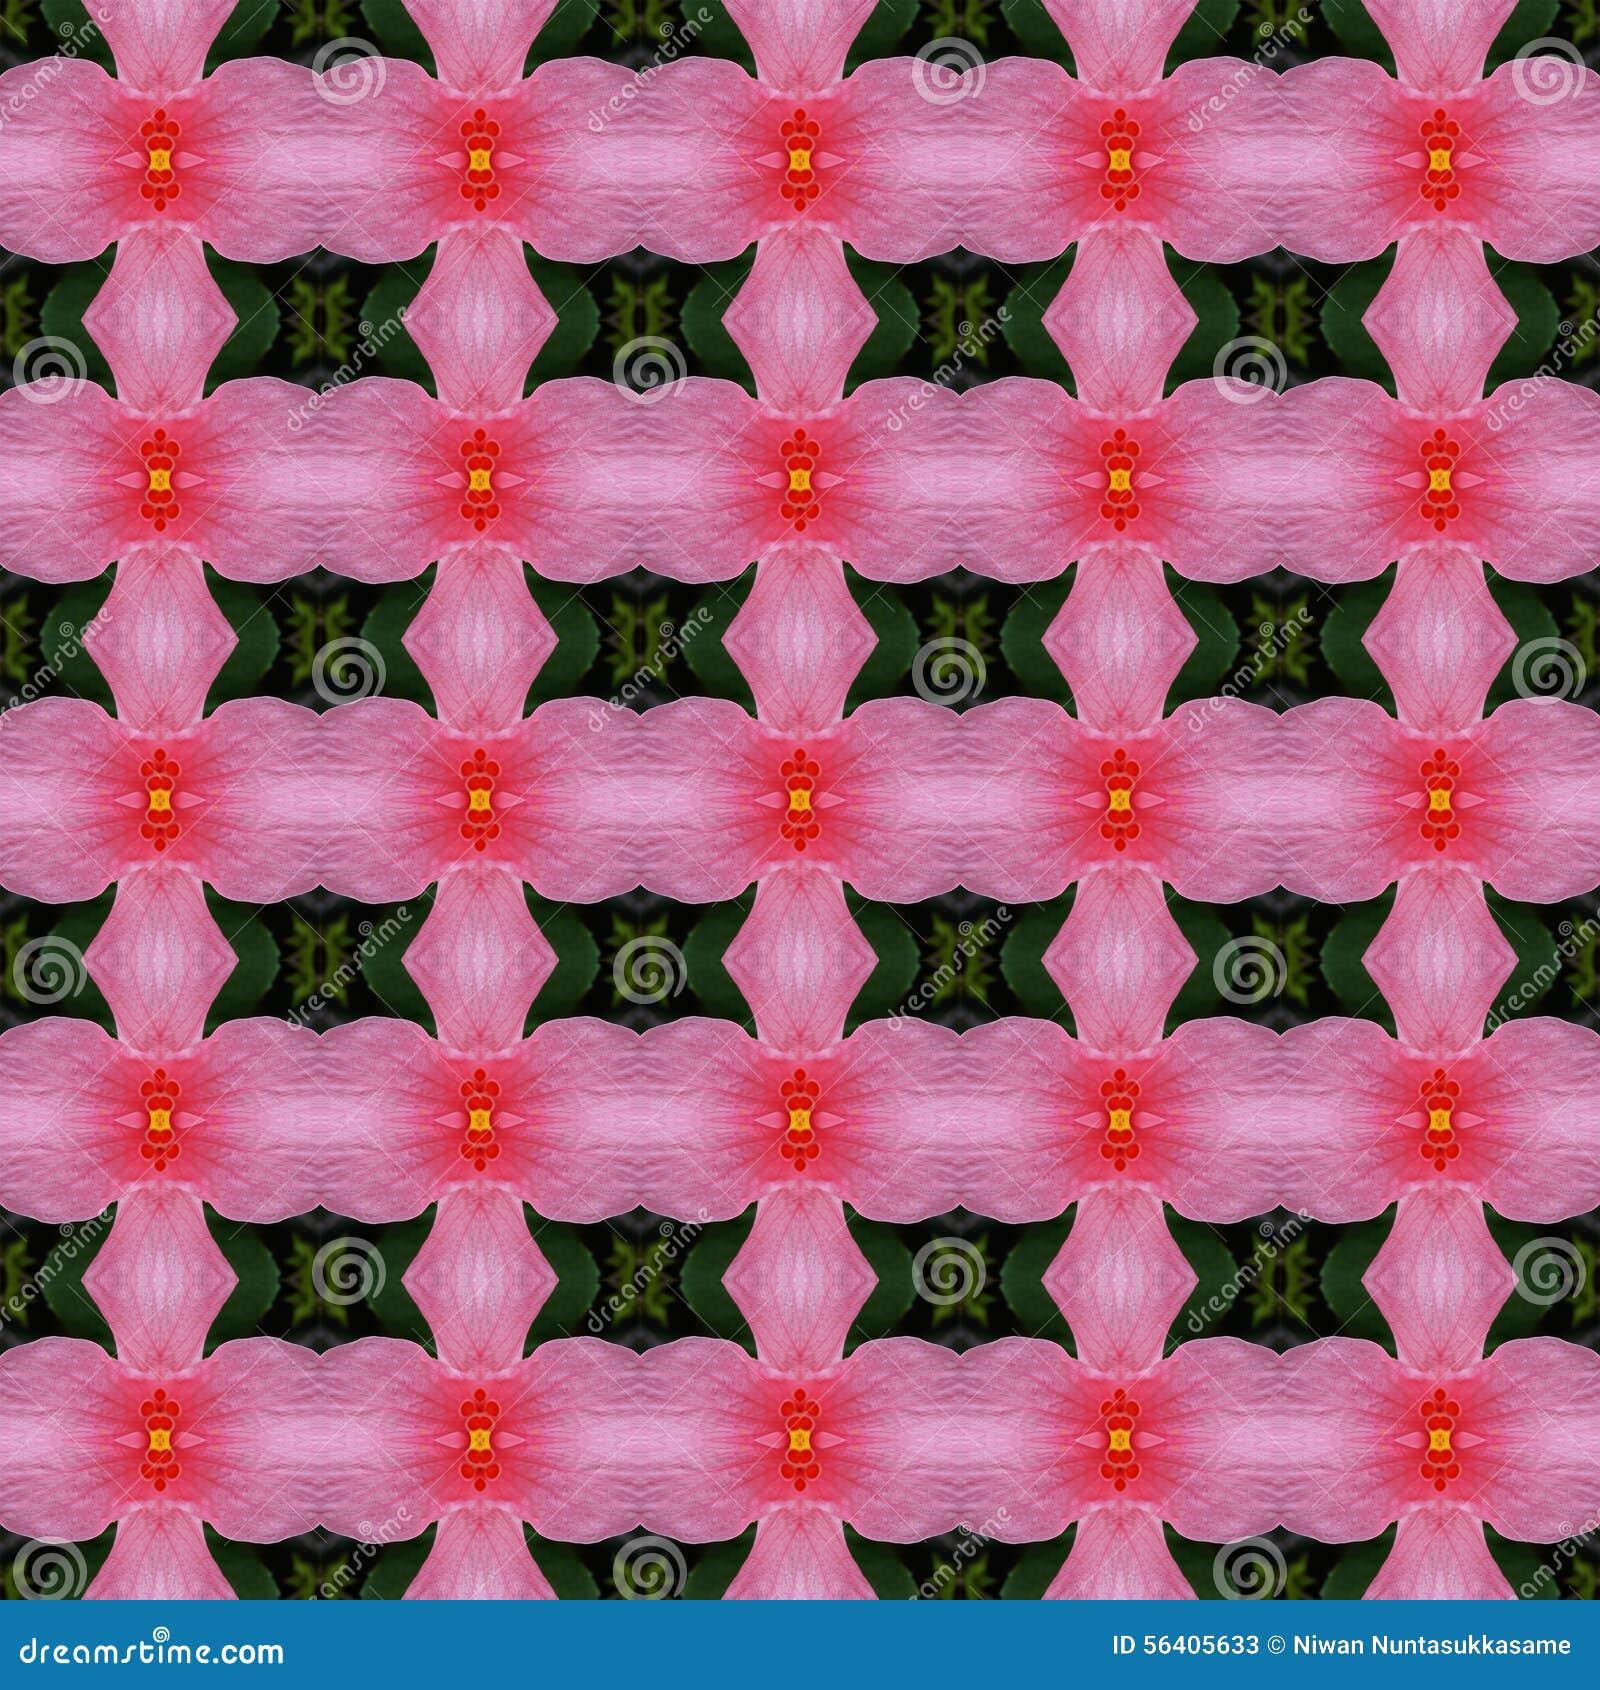 Wunderbar von der rosa Hibiscusblume in voller Blüte nahtlos